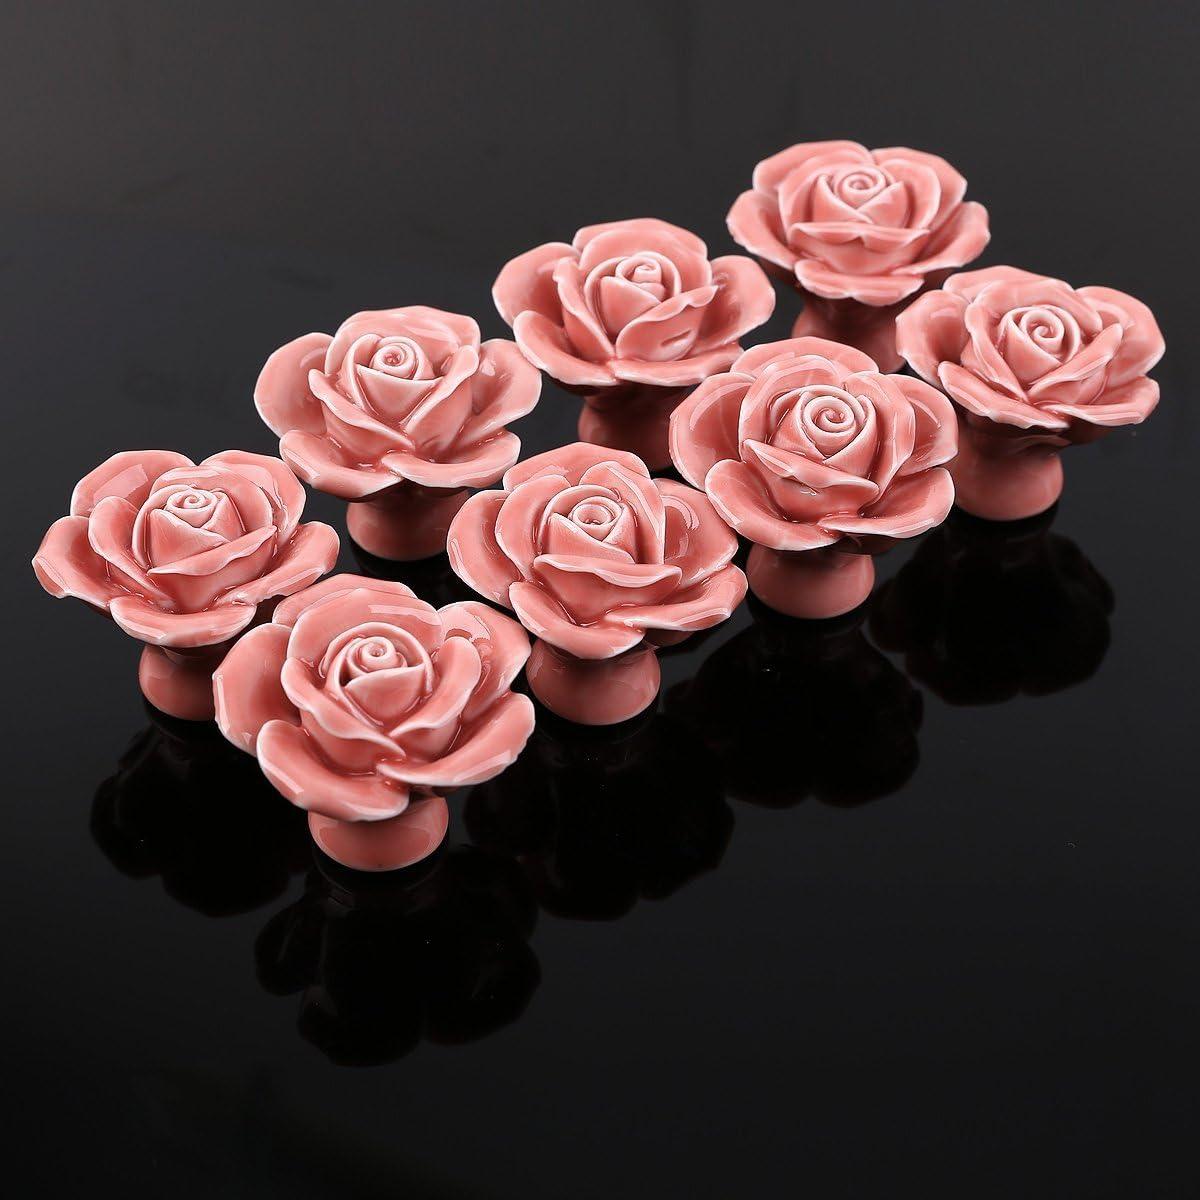 Auped 8 St/ück Rose Keramik Vintage Floral Rose T/ürknauf Griff Schubladenknauf K/üche Schrank Schublade T/ürknauf mit Schraube f/ür Zuhause Dekoration